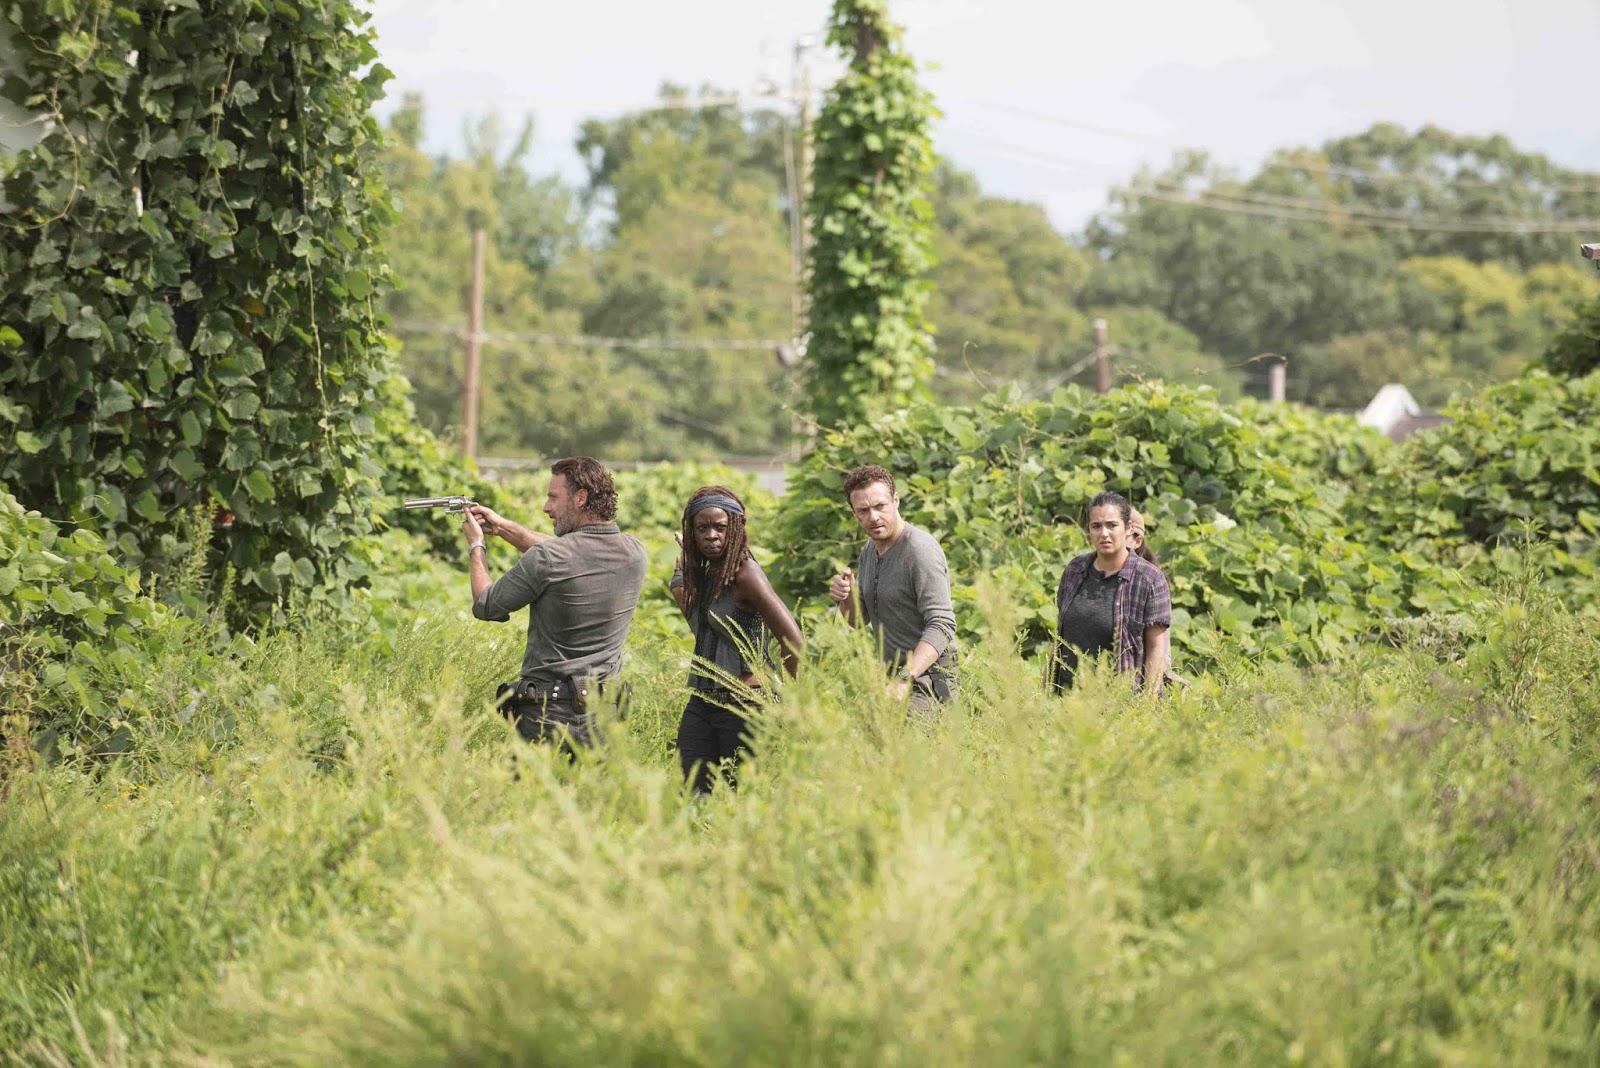 temporada 7 de The Walking Dead